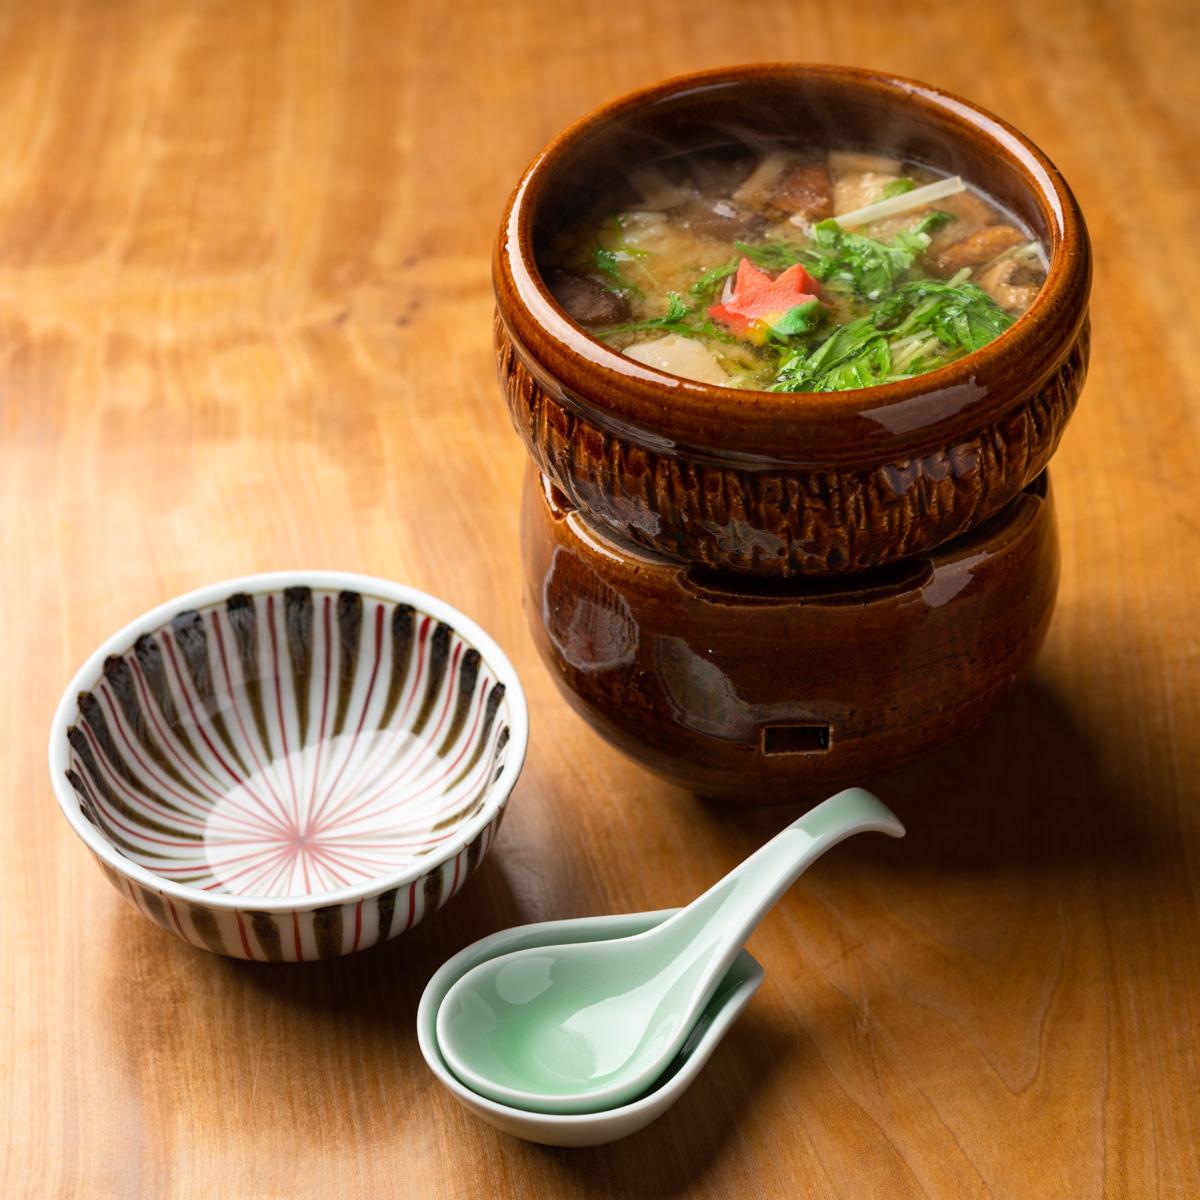 煮物|鱧と秋野菜の小鍋仕立て